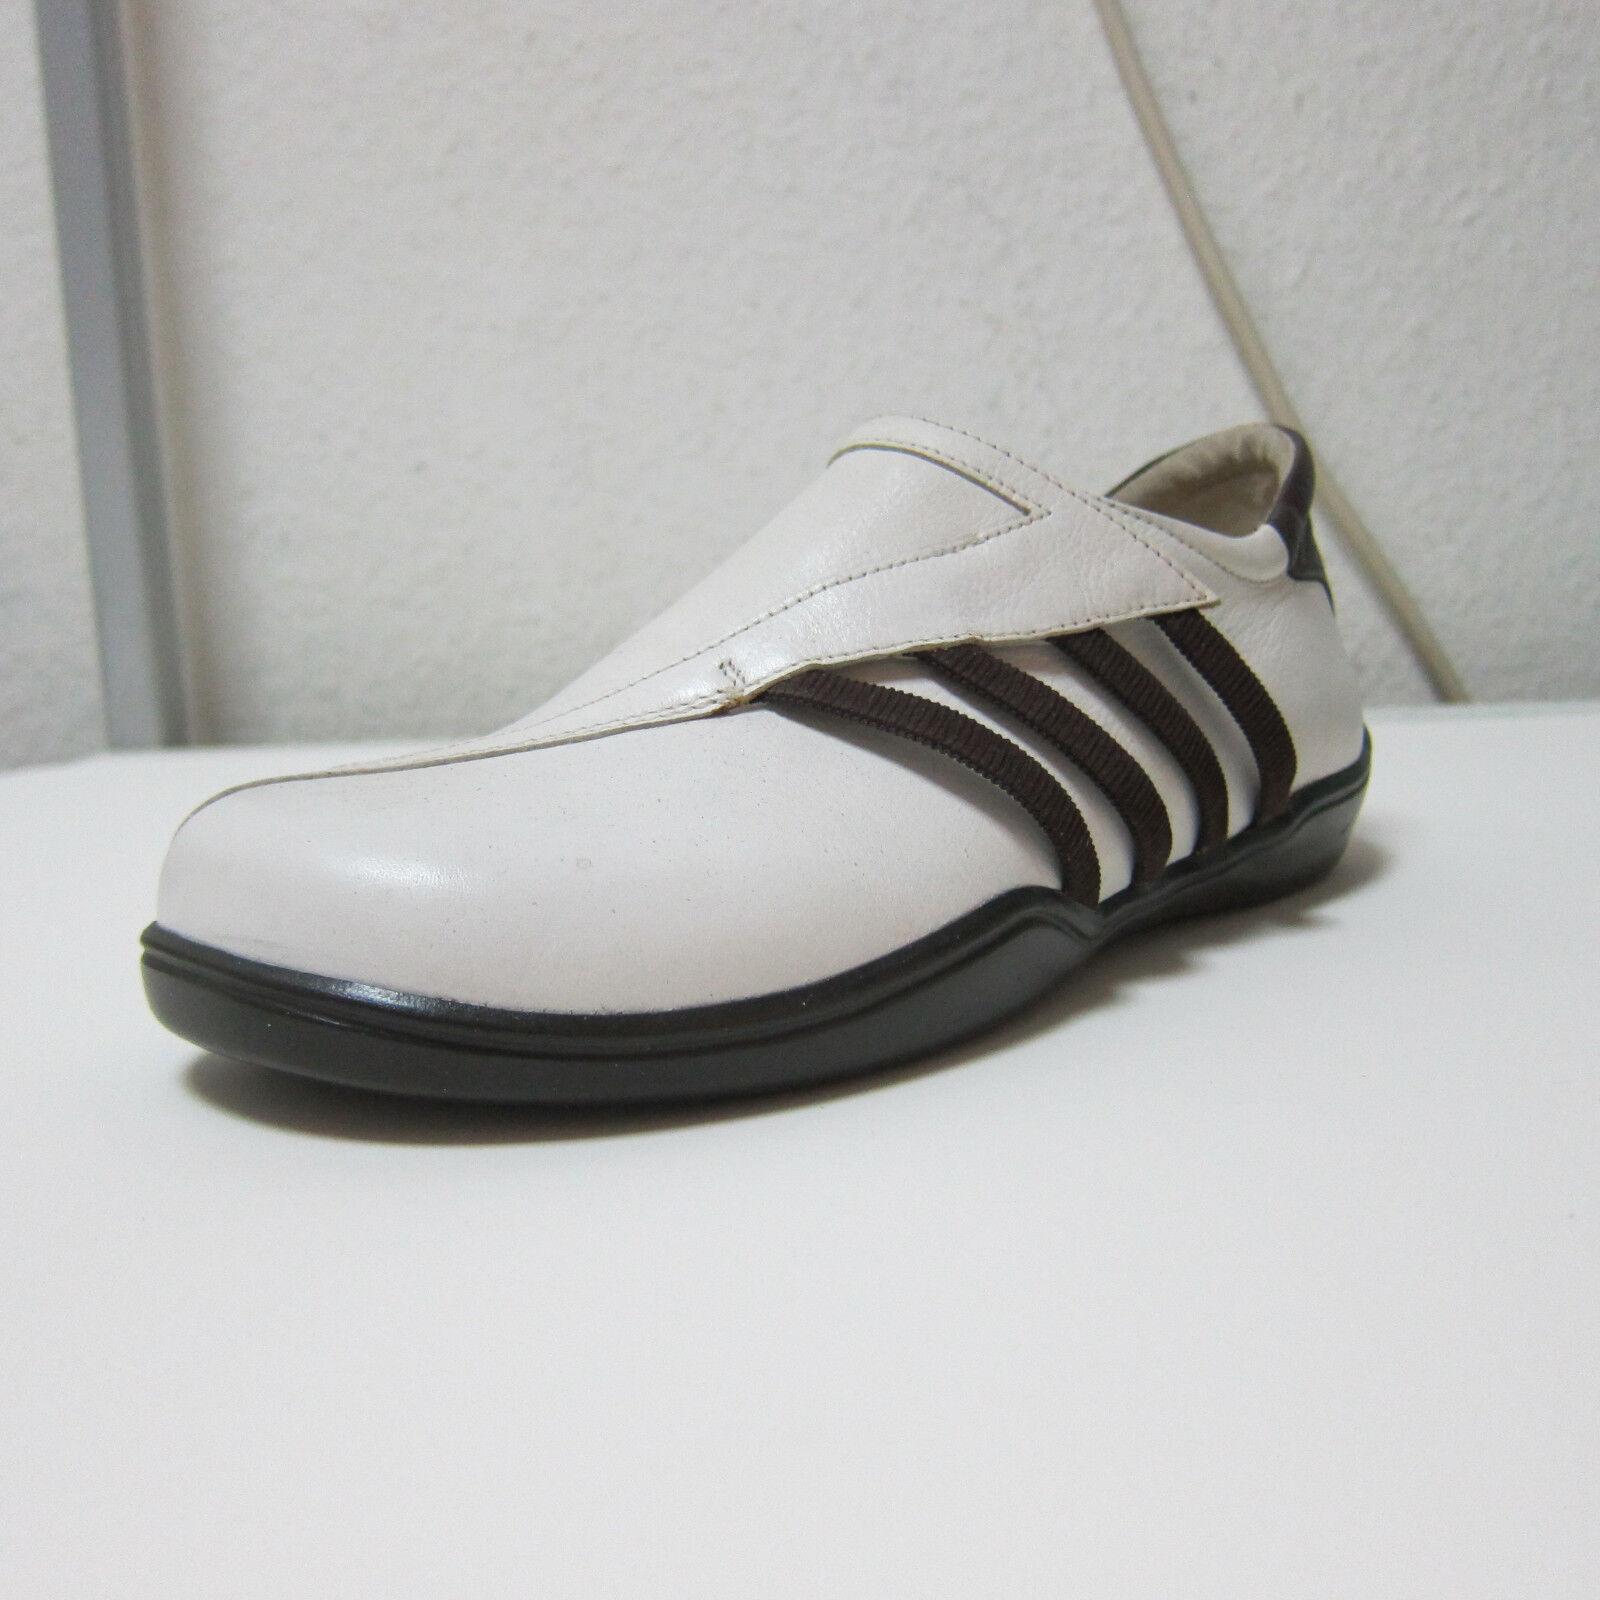 Descuento de la marca Descuento por tiempo limitado Footprint Powered by Birkenstock Halbschuhe 476963  schmal Gr.40